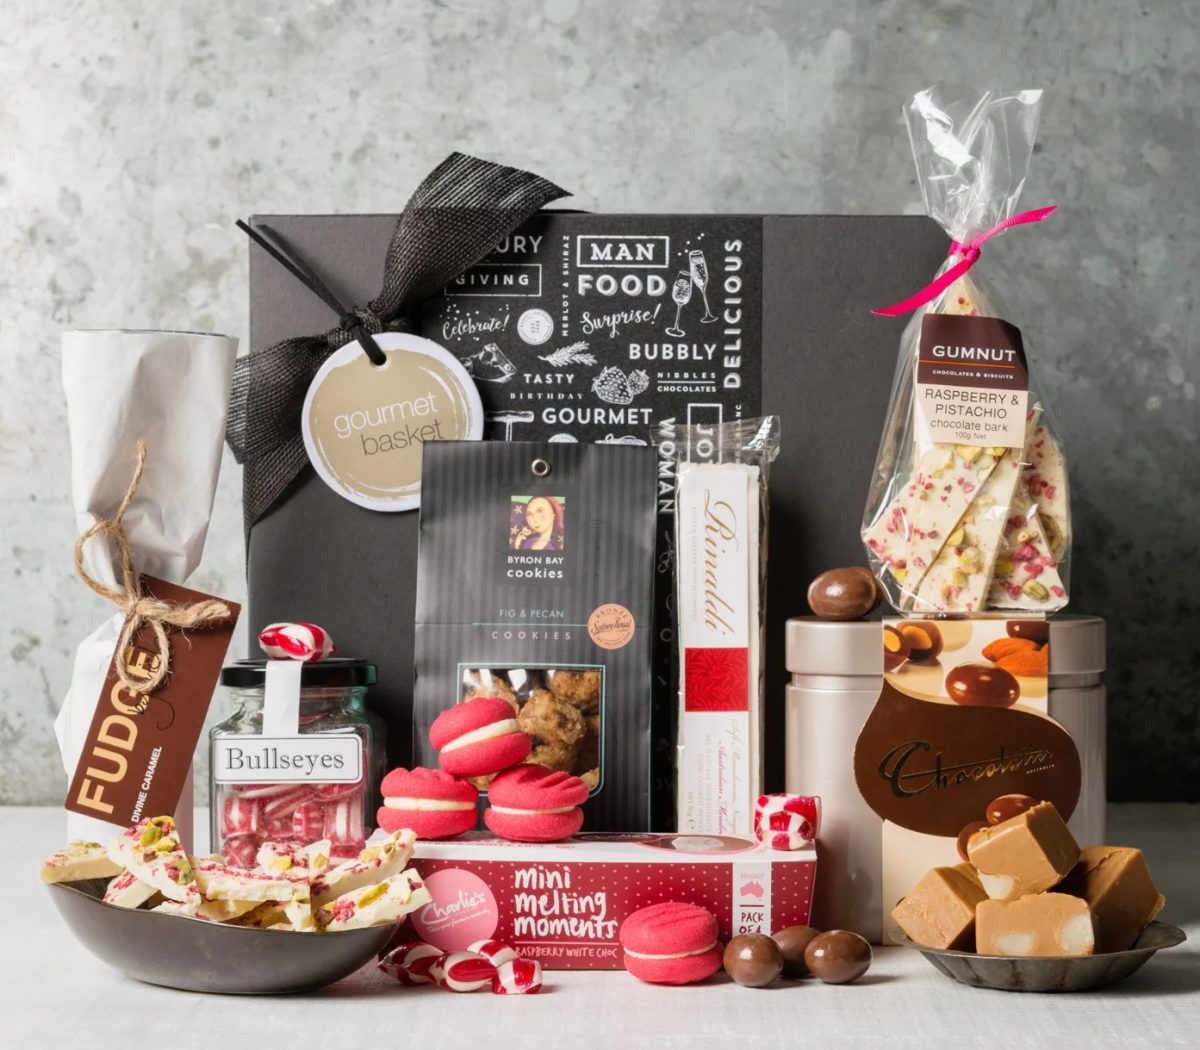 ارسال هدیه به استرالیا - ارسال گل به سترالیا-ولنتاین- ارسال کیک به استرالیا- تبریک تولد- ارسال شیرینی -جعبه شیرینی و شکلات